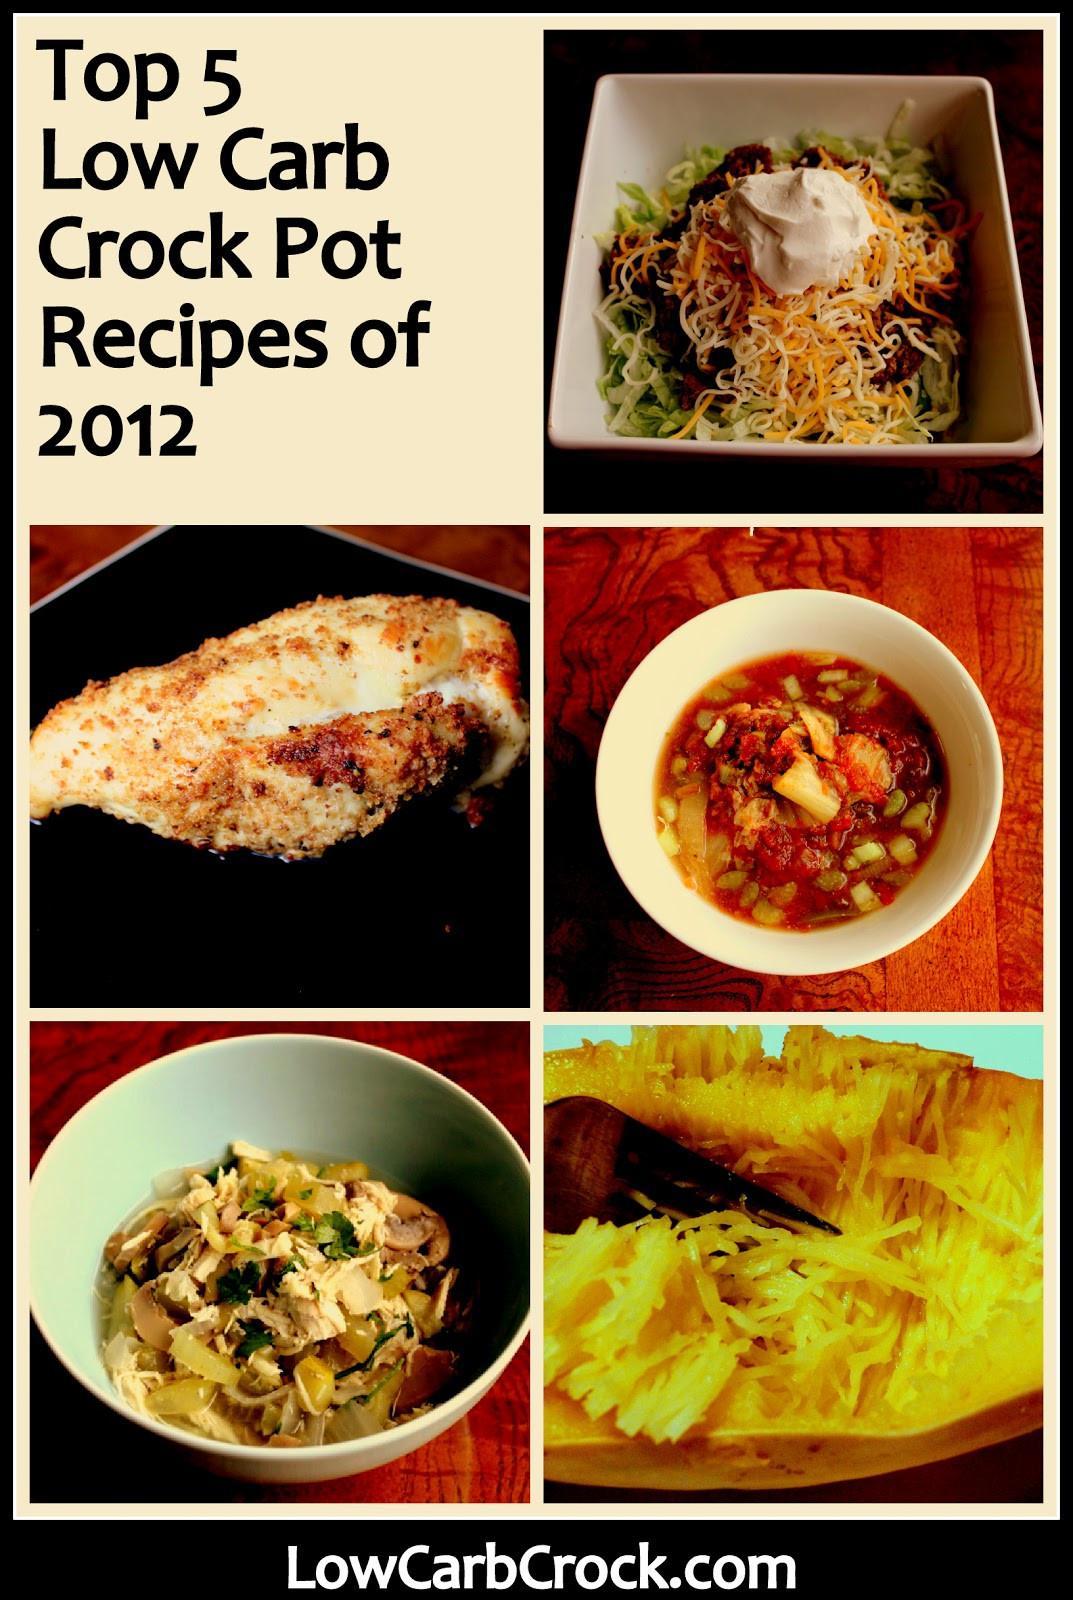 Healthy Low Carb Crock Pot Recipes  Low Carb Crock Pot Recipes Most Popular Page 3 of 5